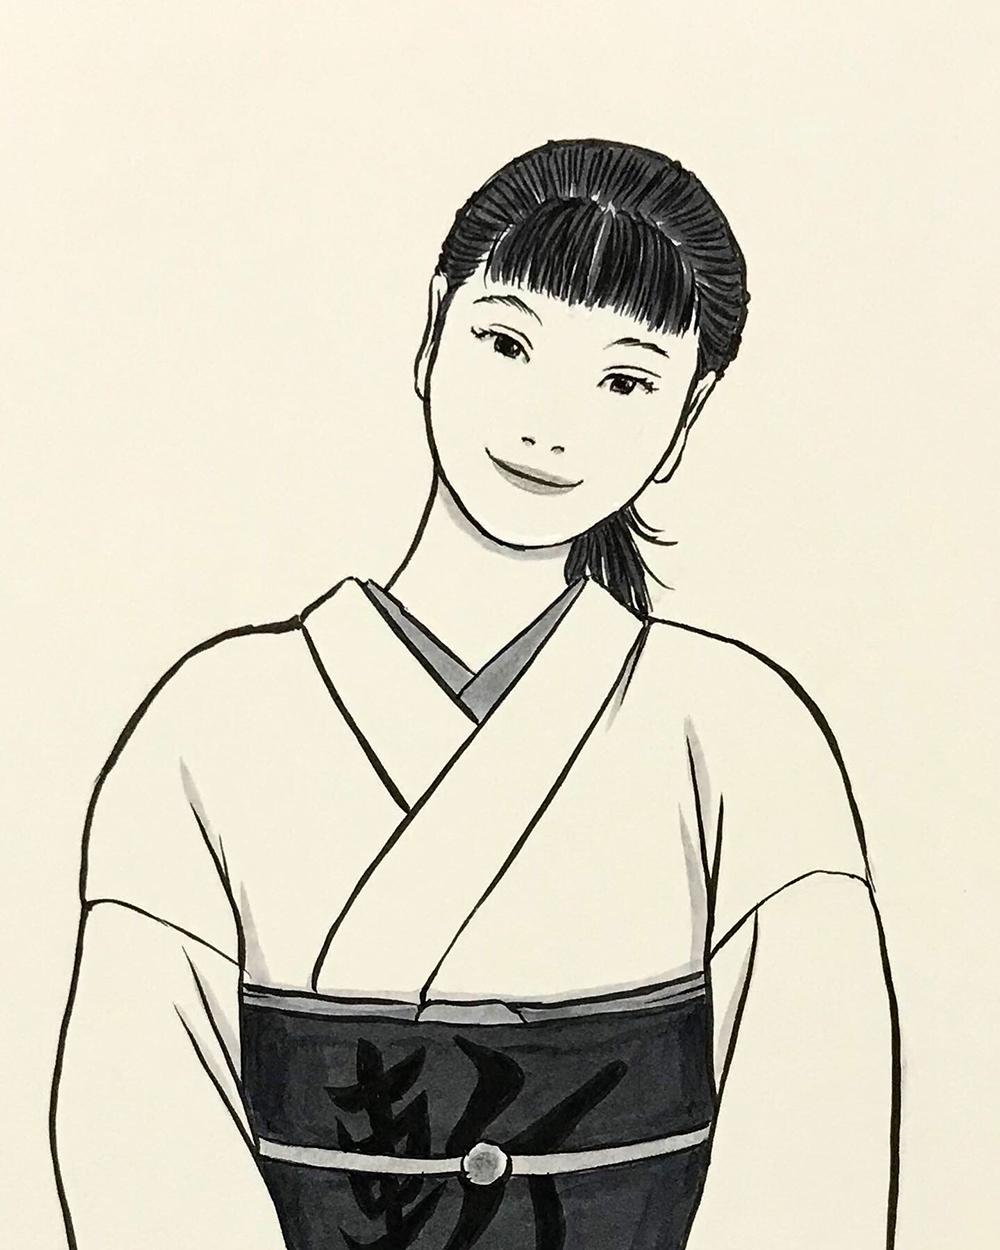 斬る女 KIRU1